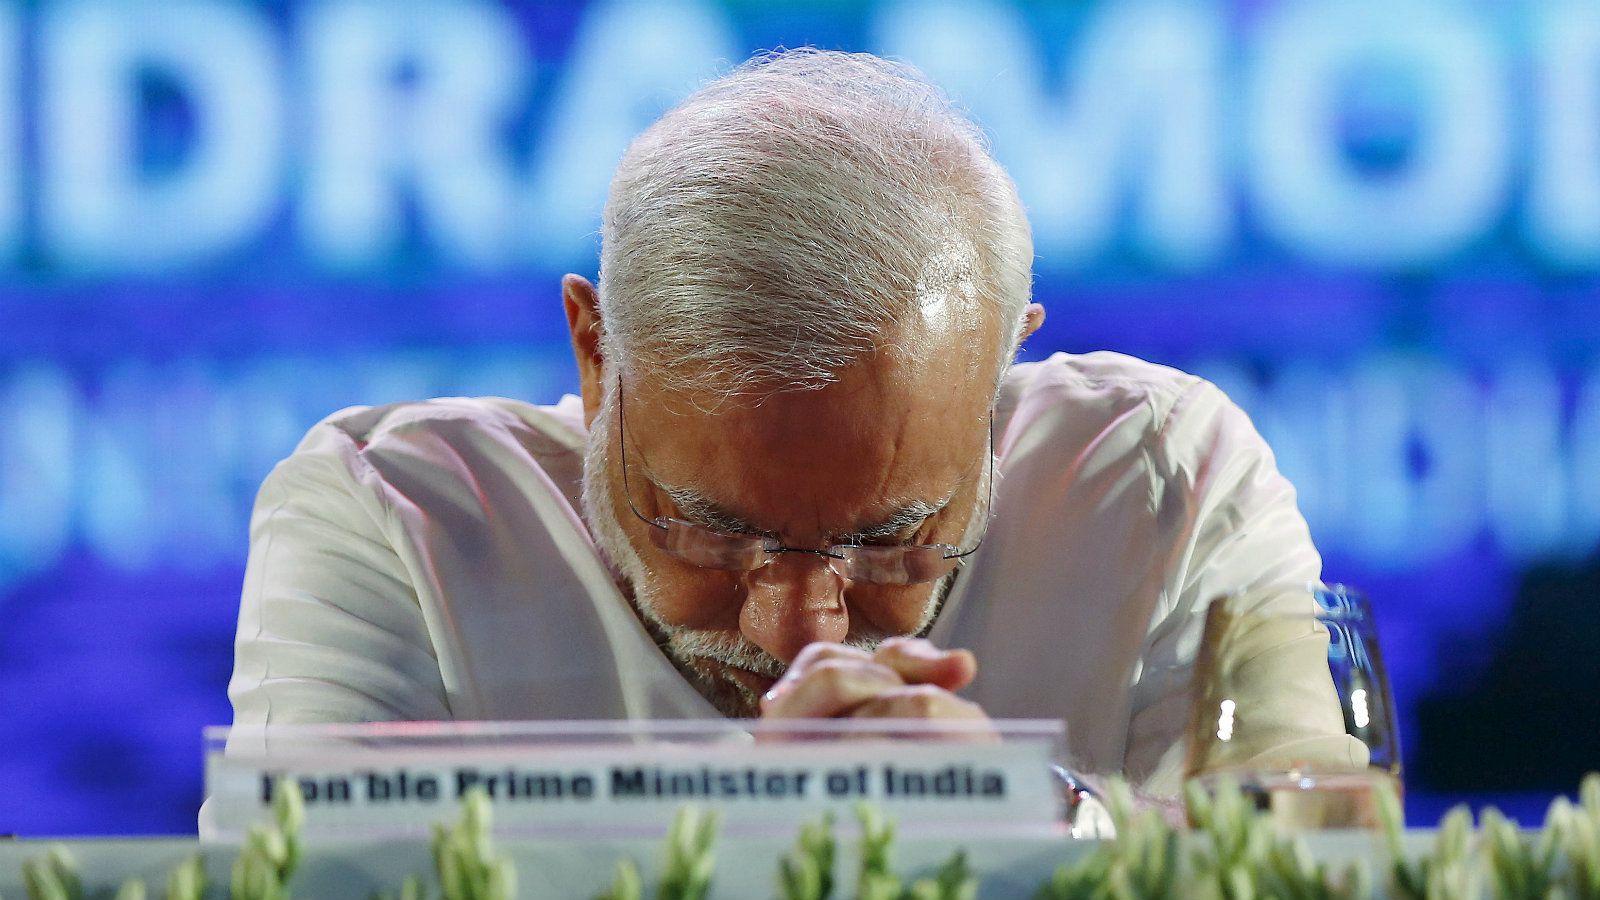 莫迪阻擾失敗!特殊時刻,中國打出一張王牌,印度更加依賴中國瞭